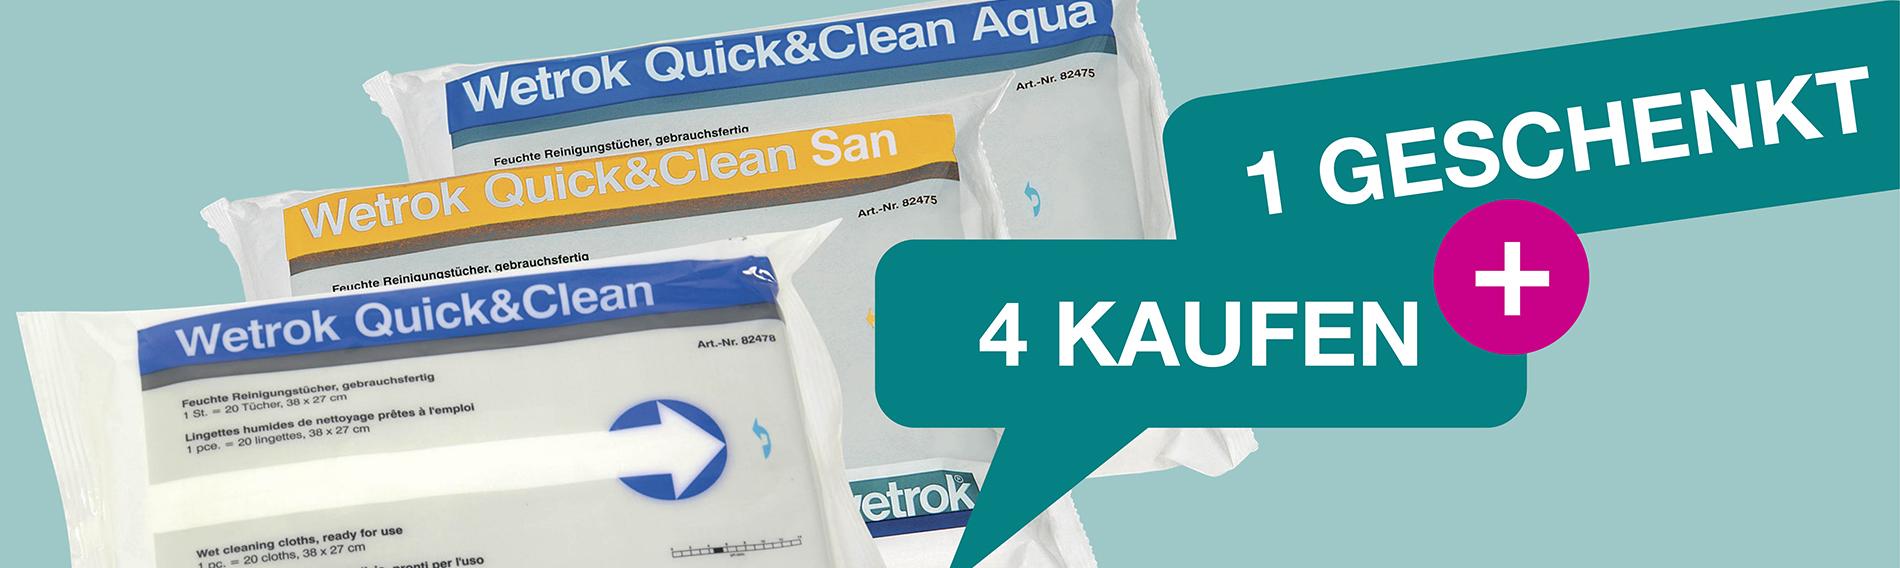 Quick & Clean: 4 KAUFEN, 1 GESCHENKT